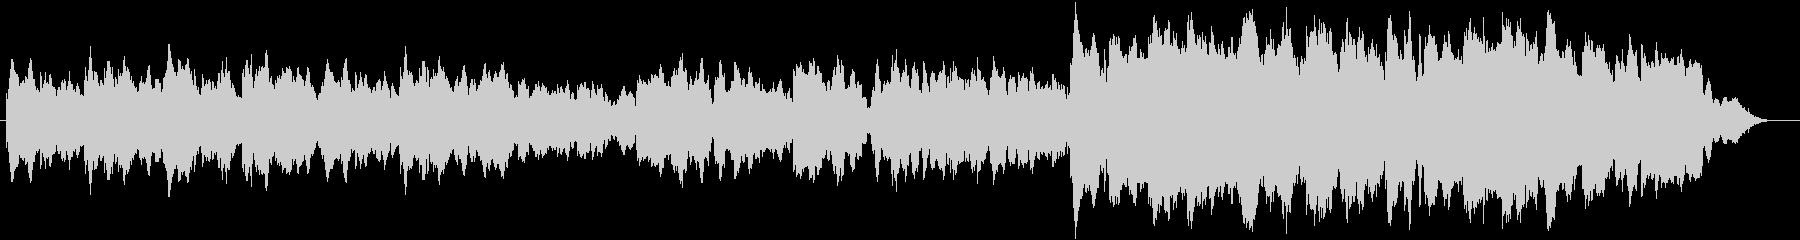 結婚行進曲(ワーグナー) 感動系アレンジの未再生の波形